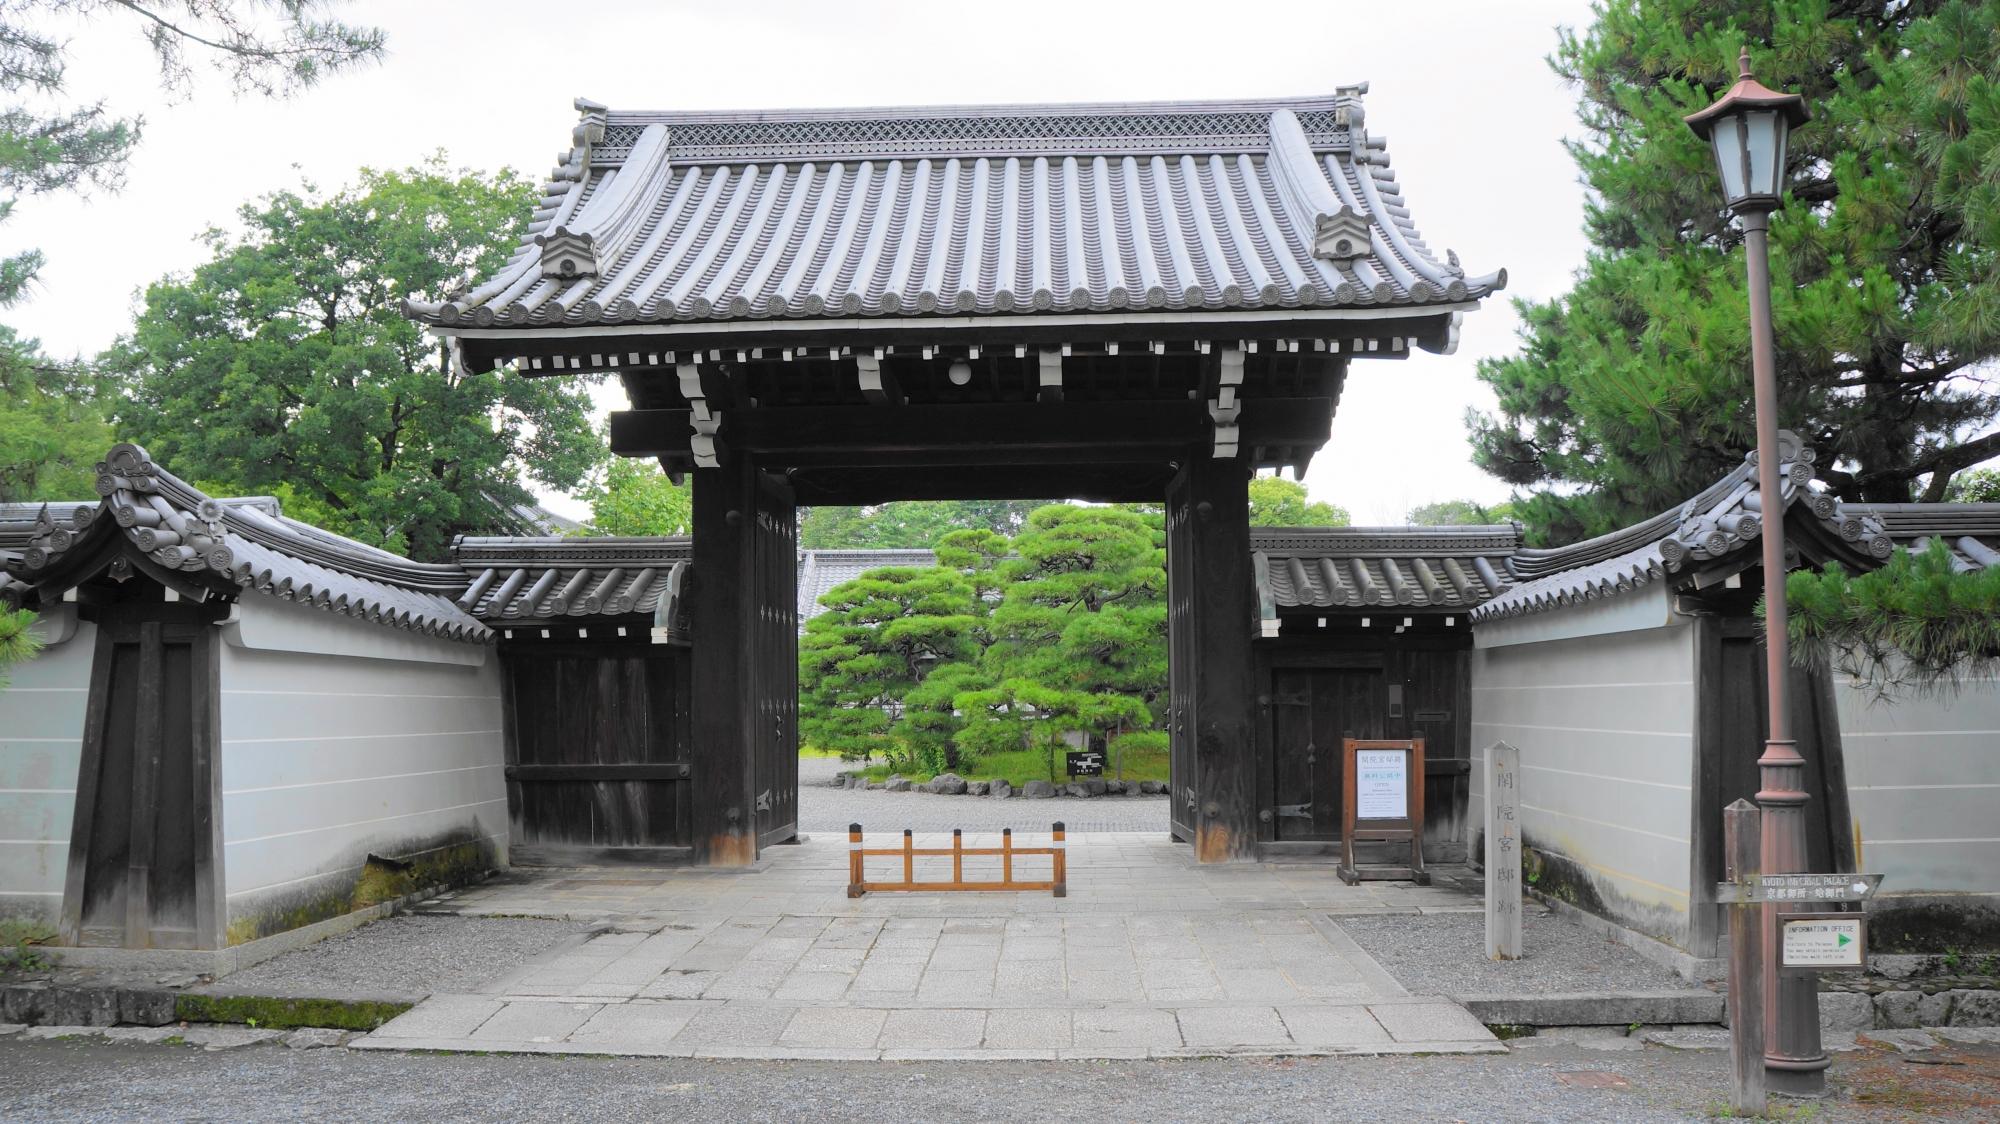 京都御苑内にある閑院宮邸跡(かんいんのみやていあと)の入口